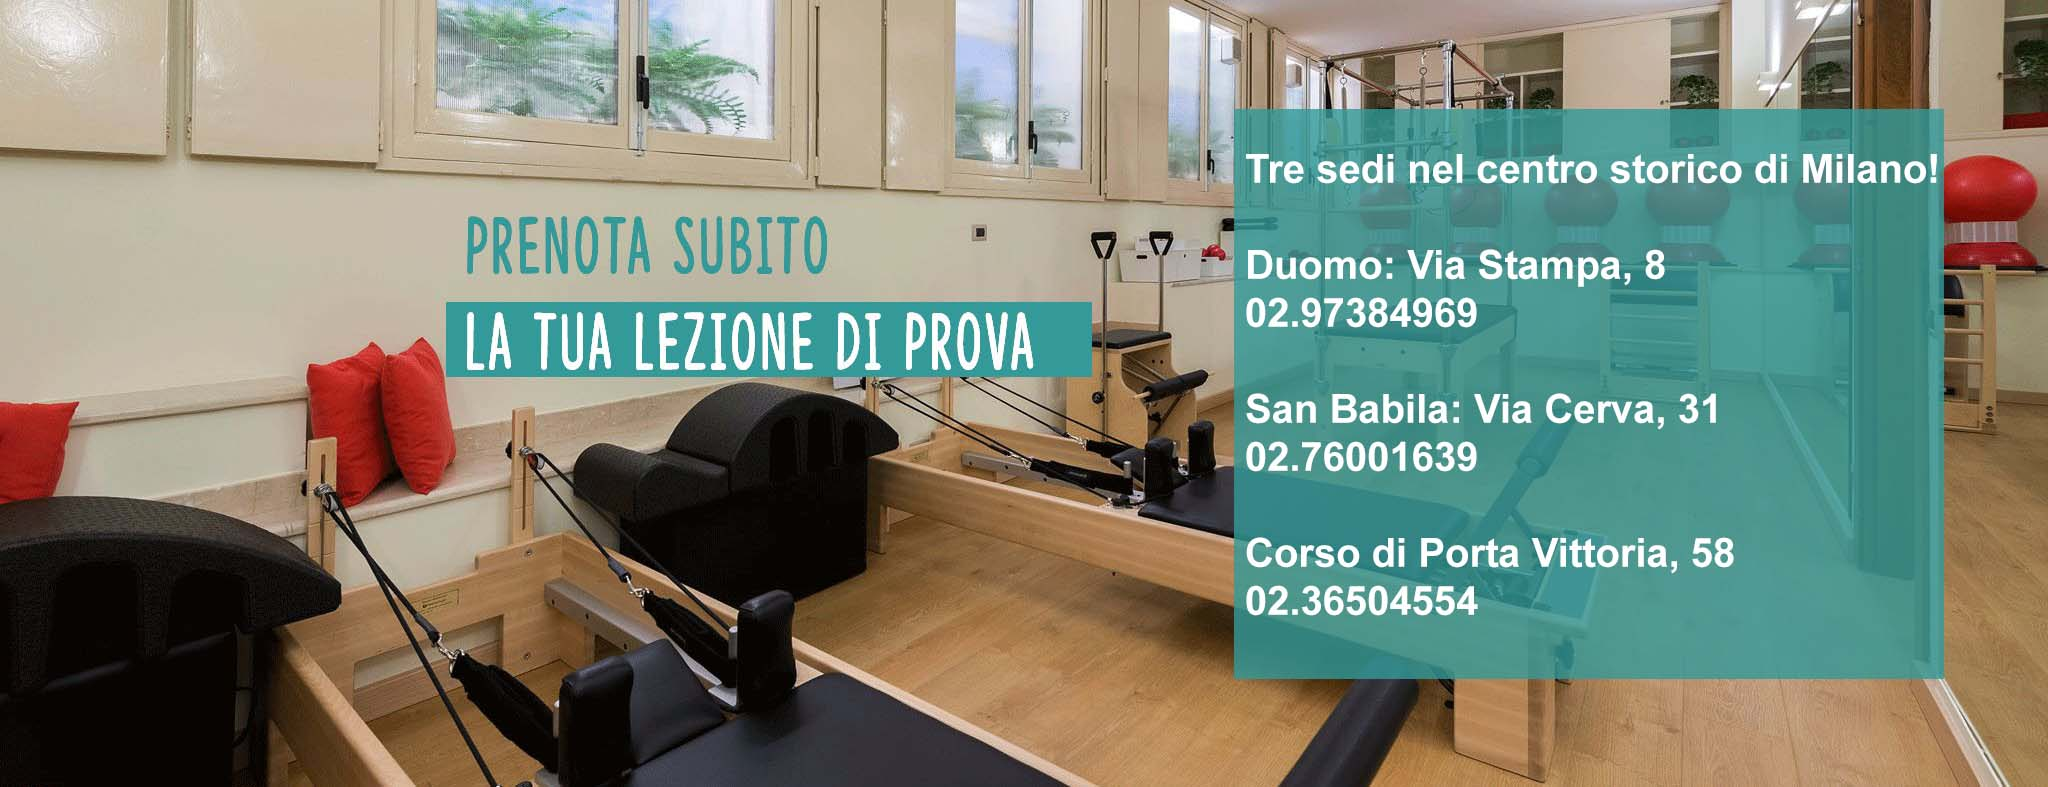 Lezioni Pilates Muggiano Milano - Prenota subito la tua lezione di prova